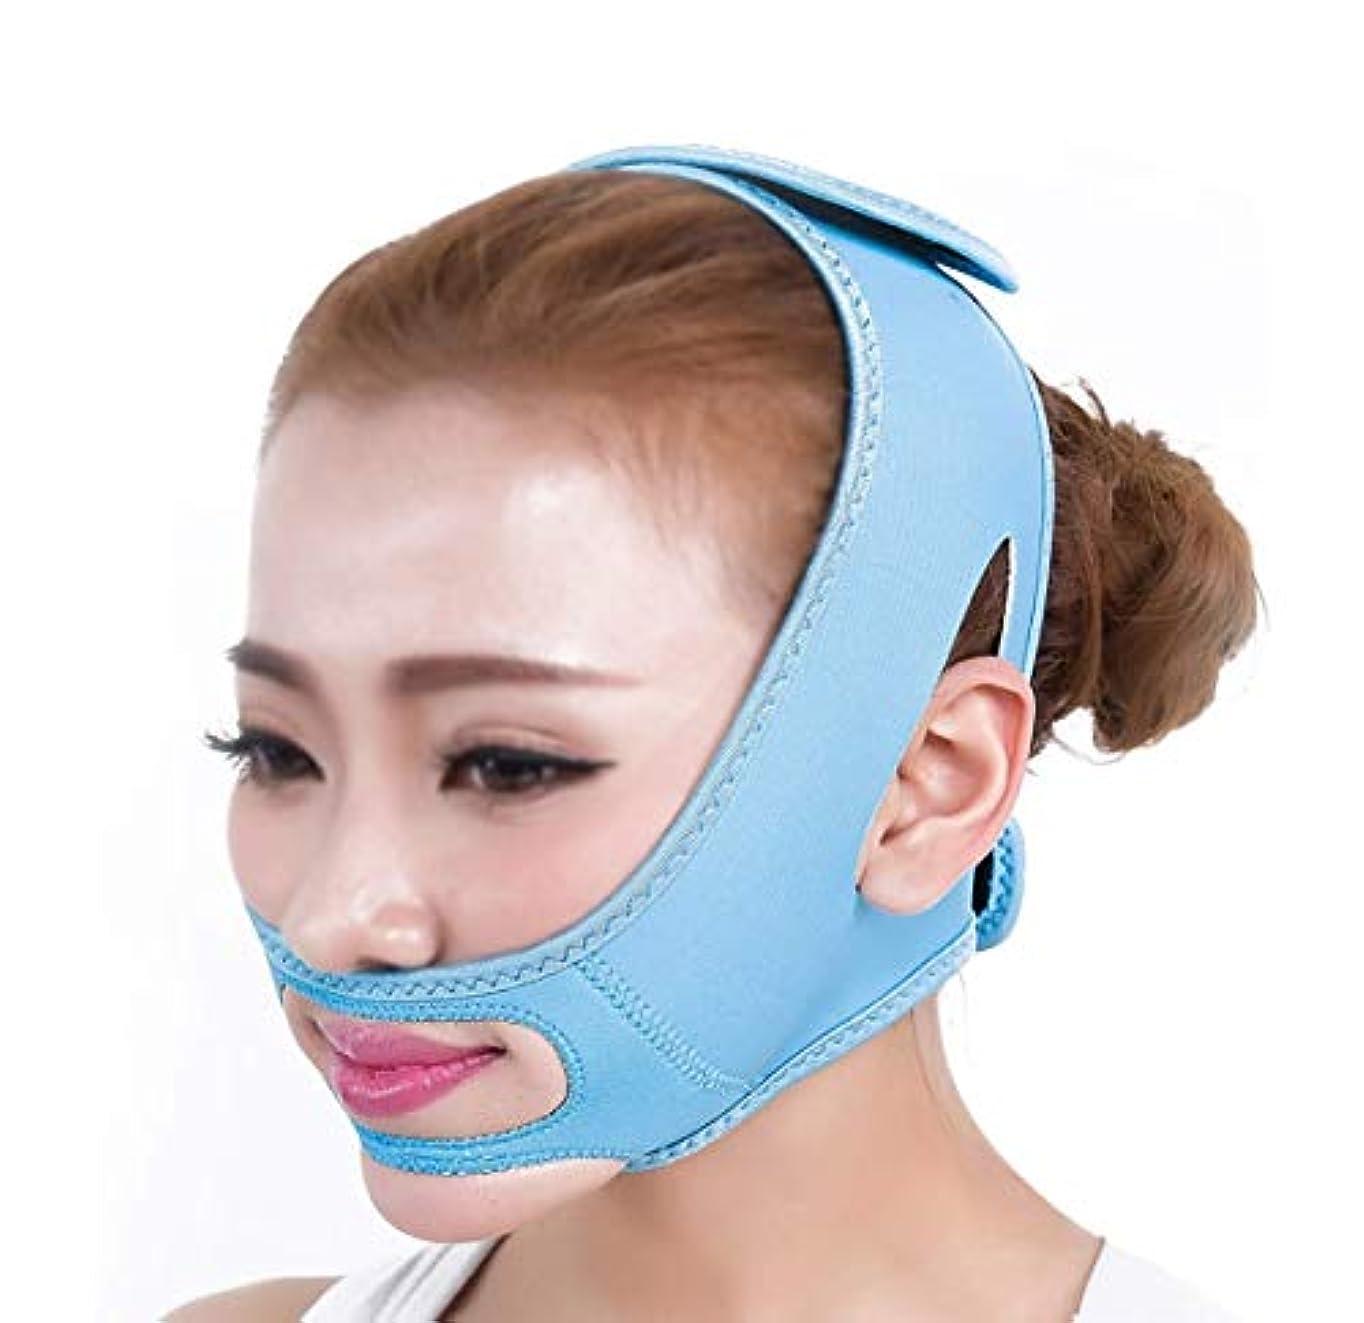 課税幸運なことにリースHEMFV フェイススリミングは、顔の皮膚包帯二重あごスリミングベルト美容通気性のVフェイス包帯顔のリフティングを締め、スリムリフトマスク